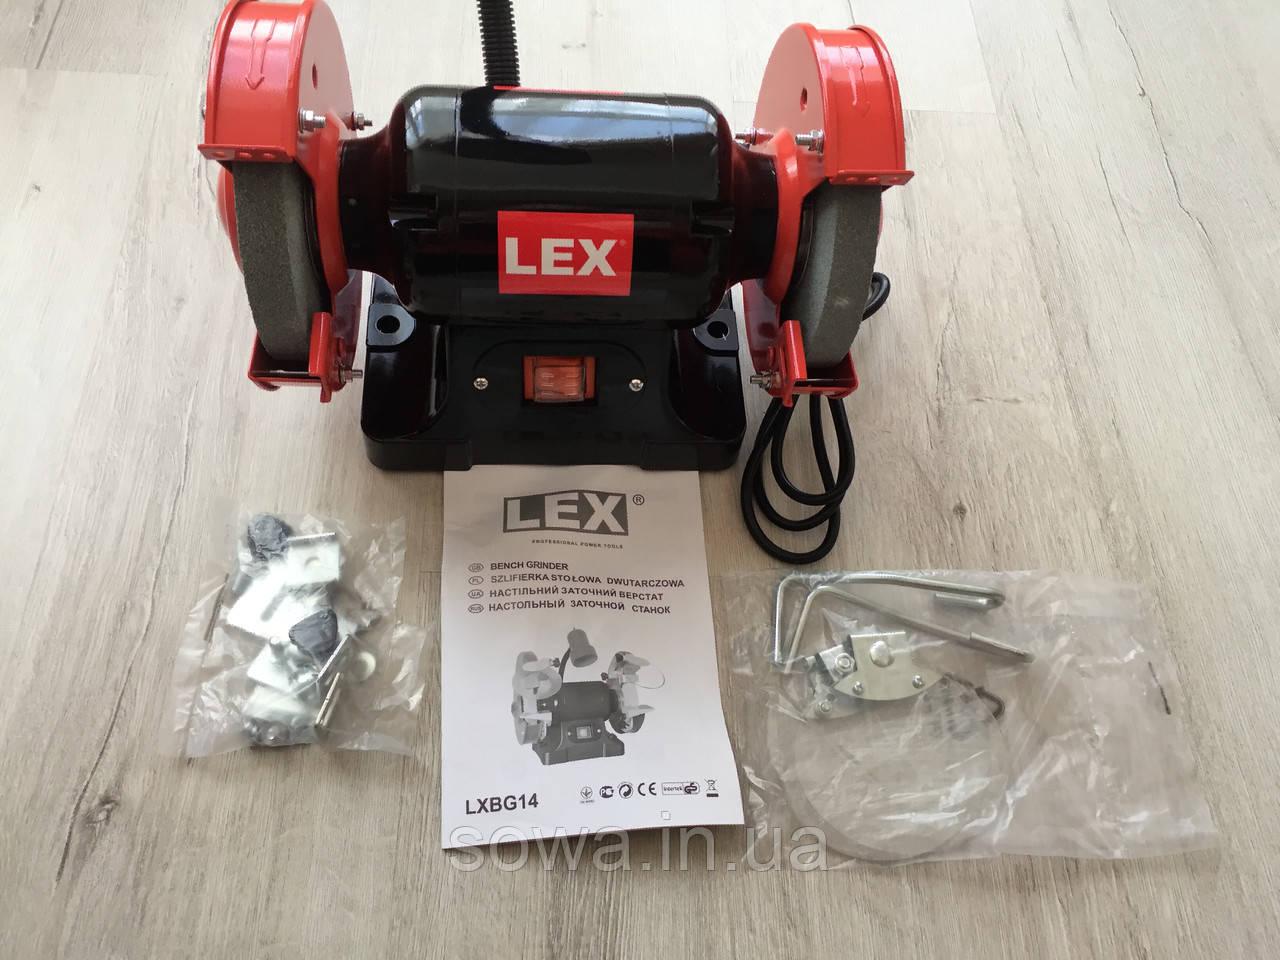 Точильный станок Lex LXBG14 | с подсветкой | 150мм, 1400Вт - фото 7